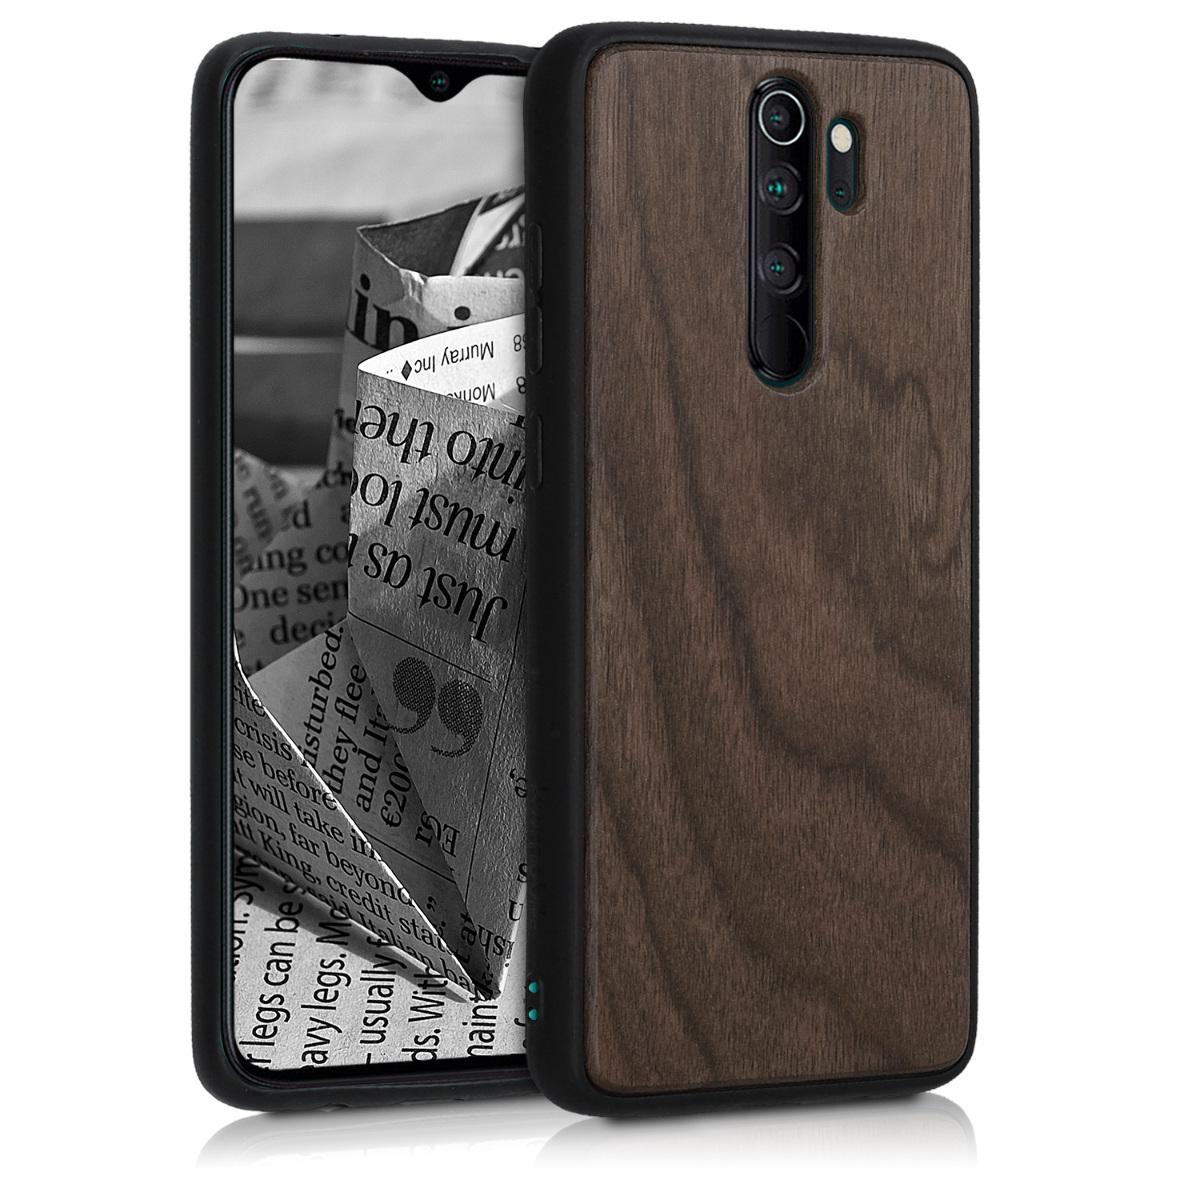 KW Σκληρή Ξύλινη Θήκη με TPU Bumper Xiaomi Redmi Note 8 Pro - Dark Brown (50838.18)